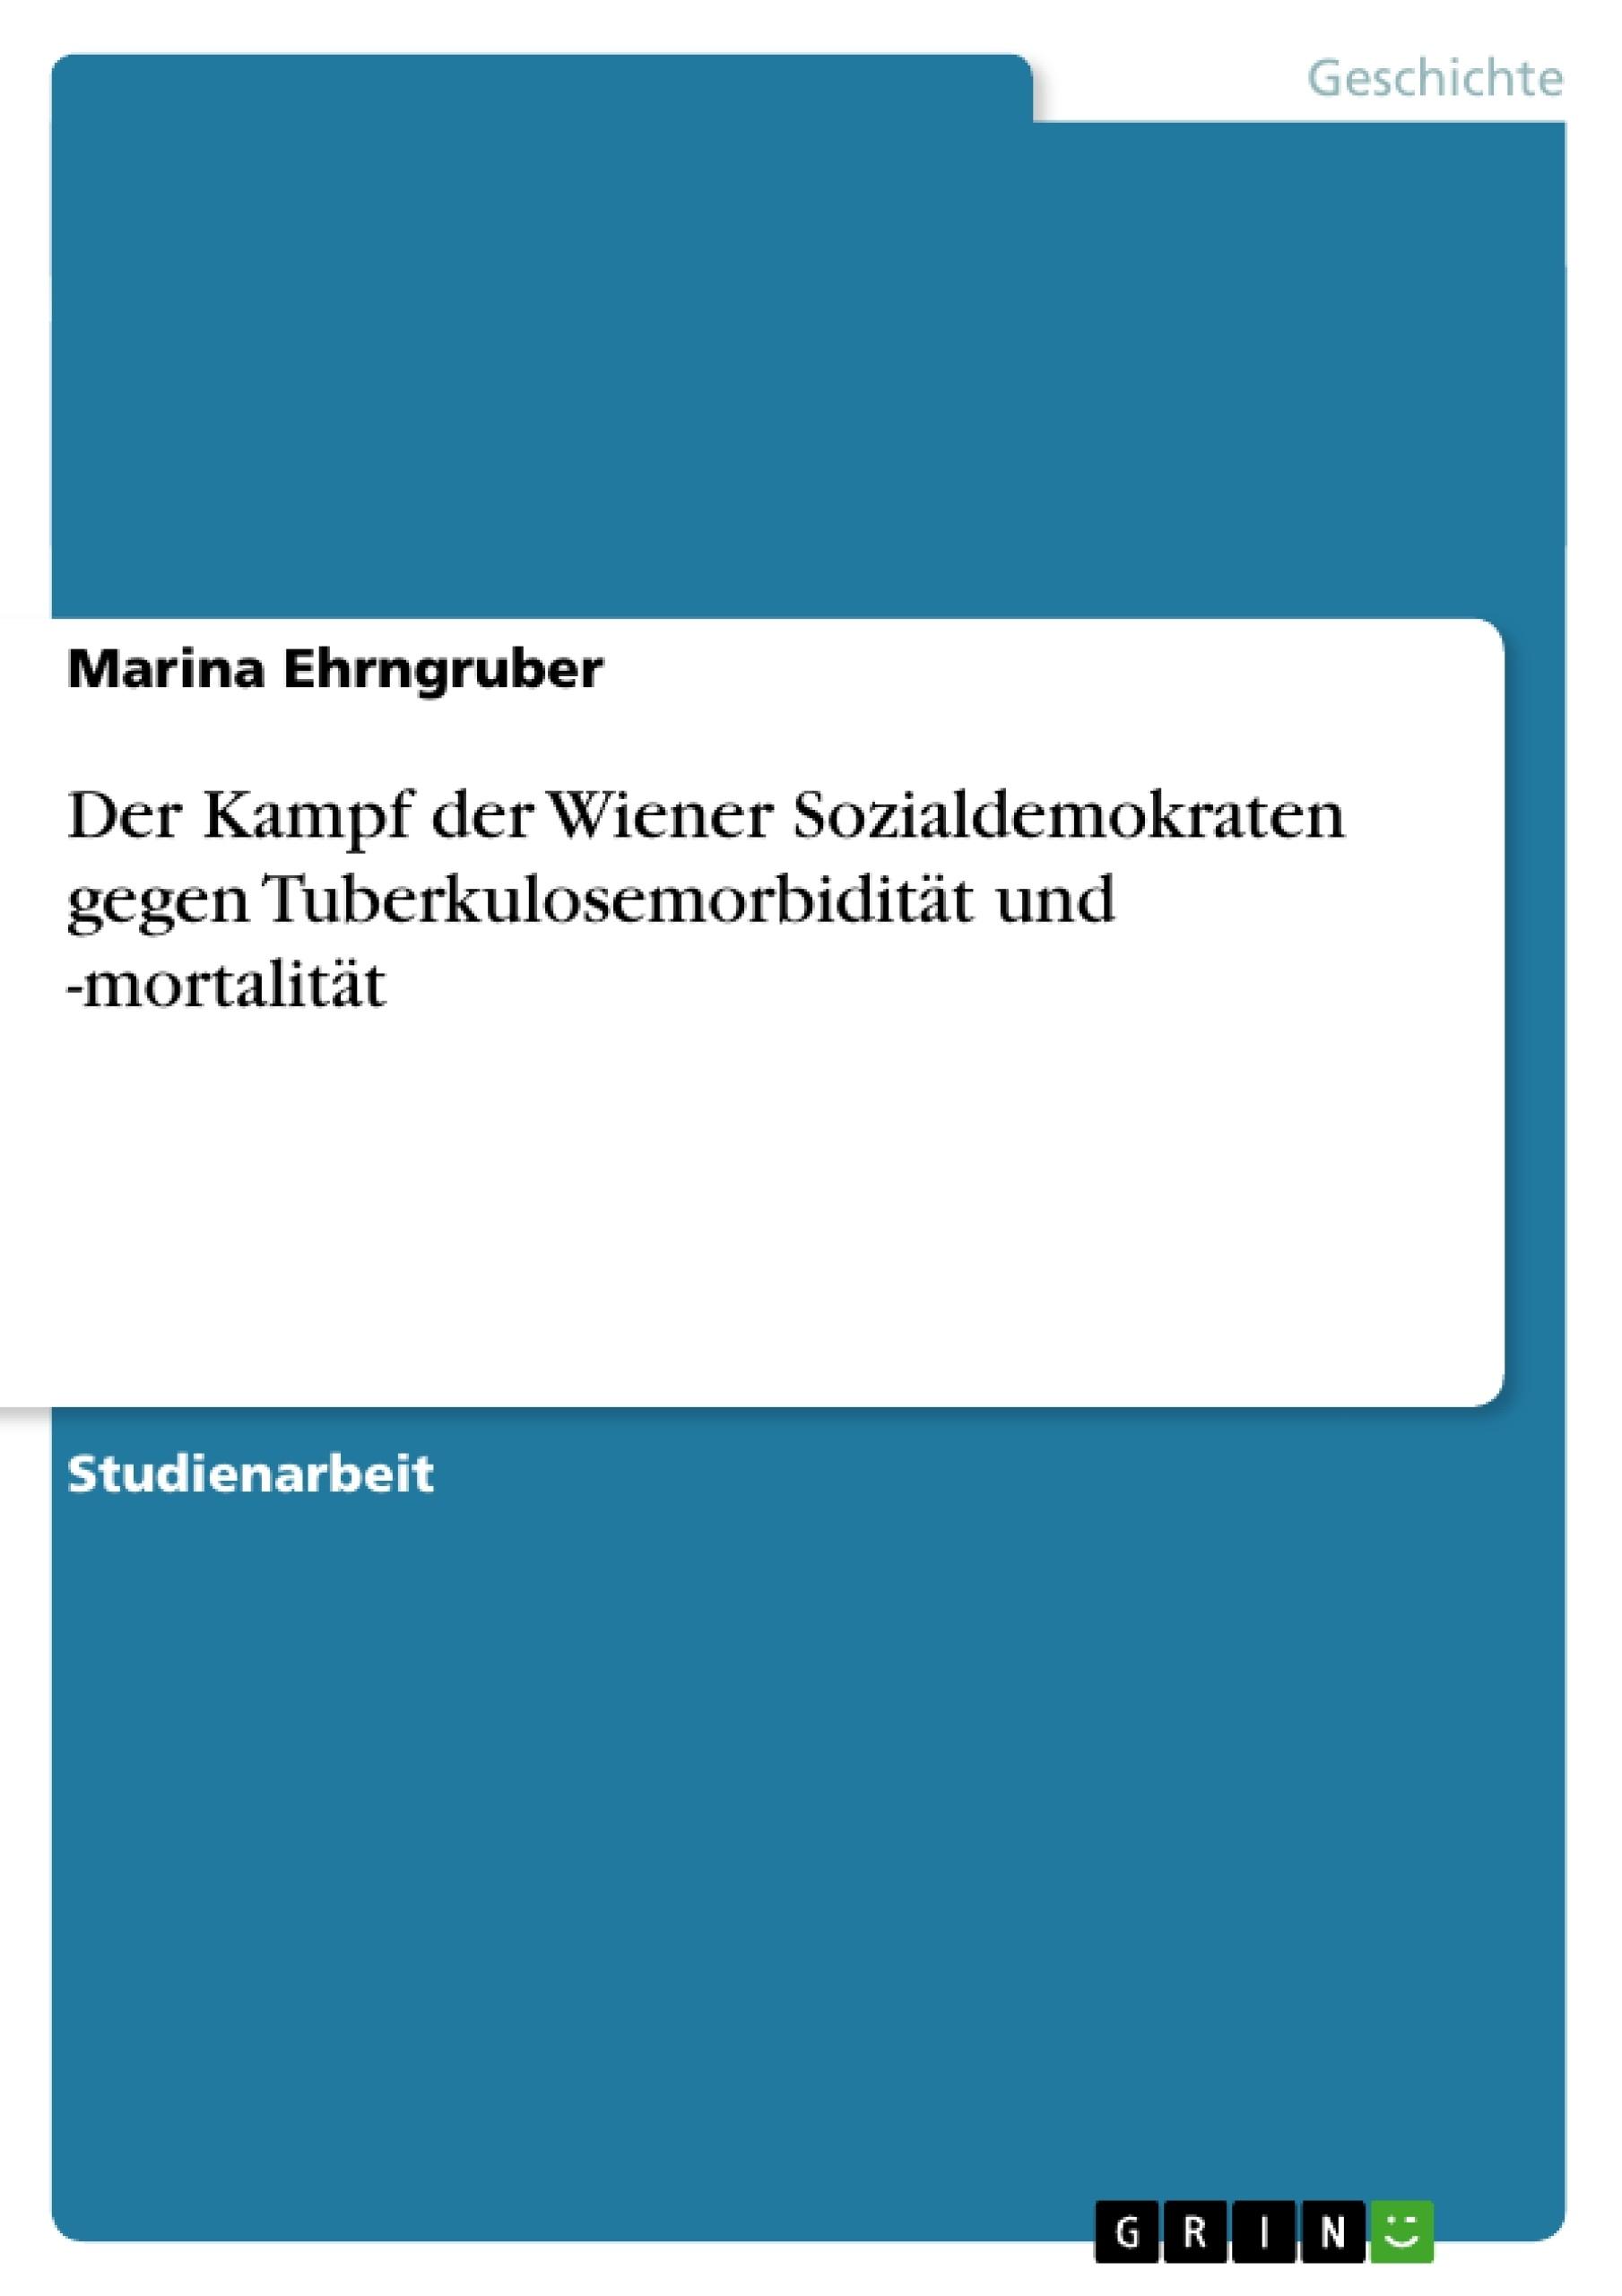 Titel: Der Kampf der Wiener Sozialdemokraten gegen Tuberkulosemorbidität und -mortalität